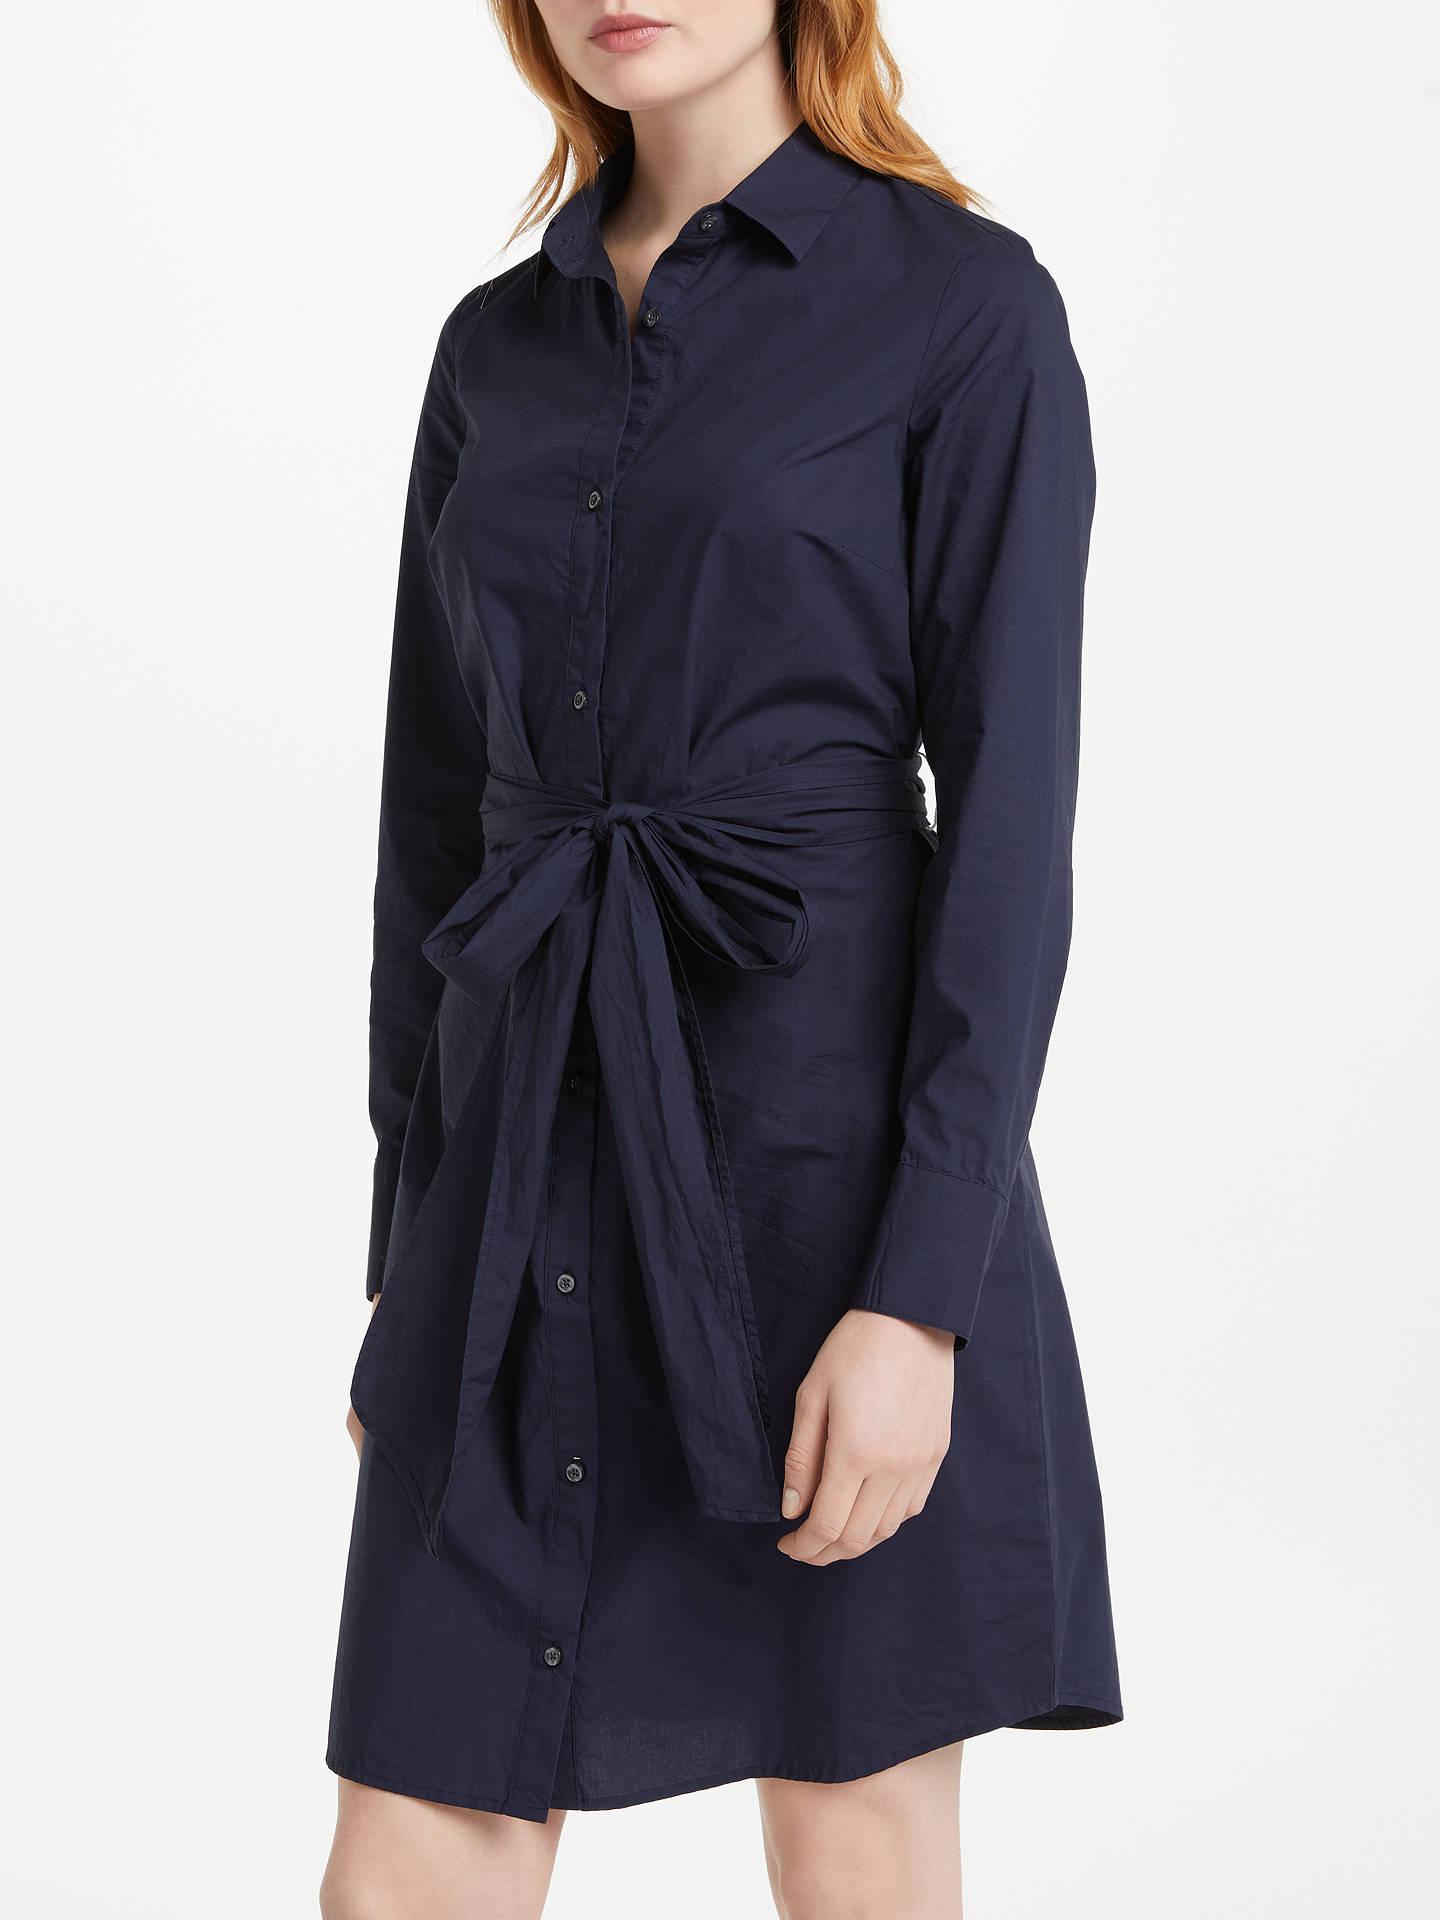 ec18b4ec41 Buy Boden Modern Shirt Dress